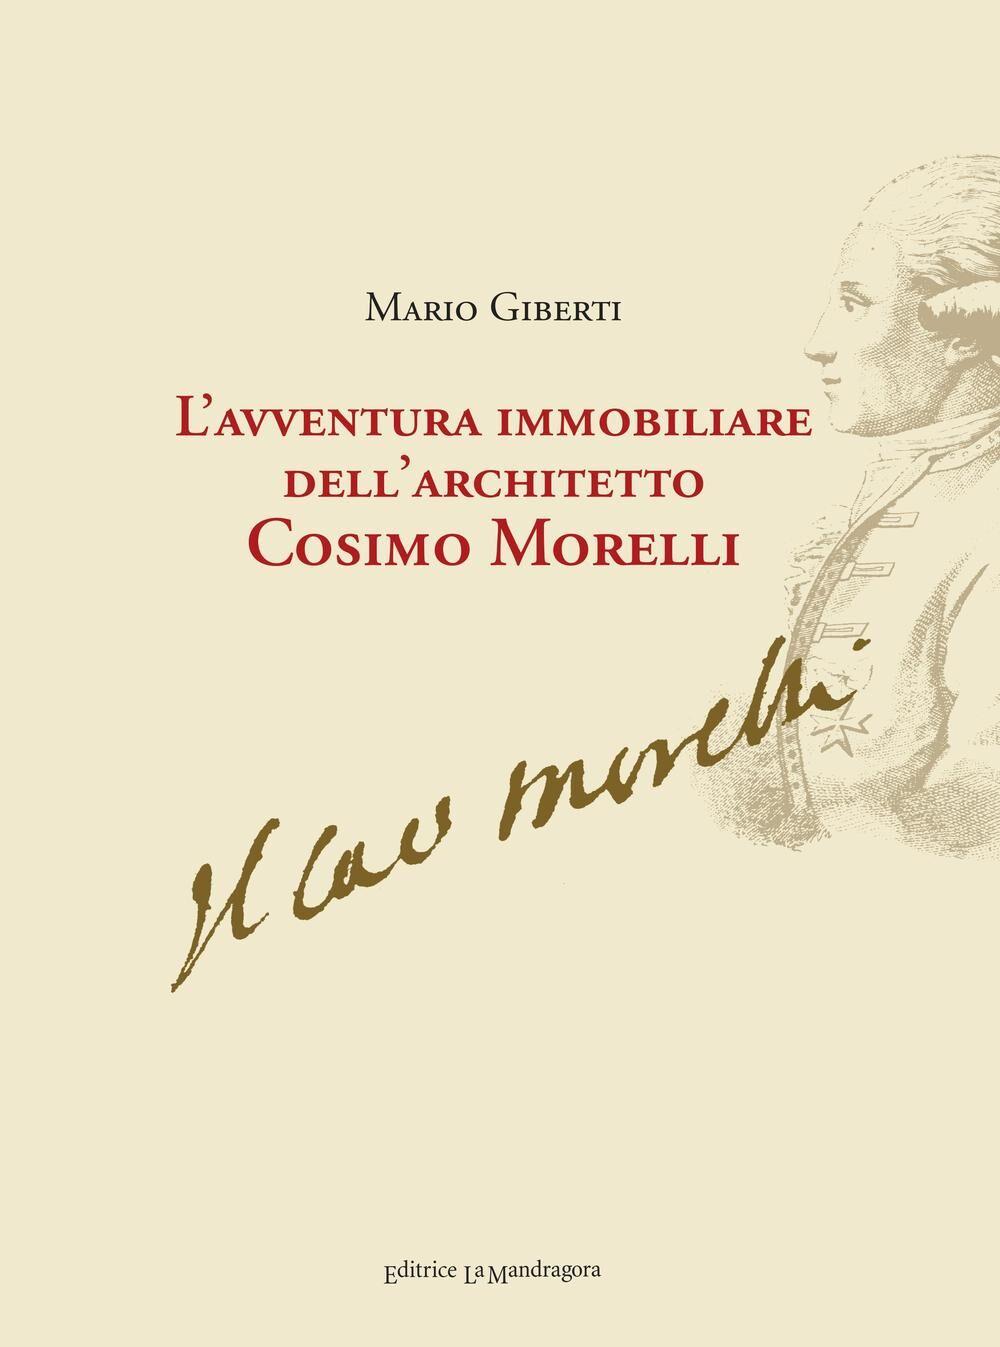 L' avventura immobiliare dell'architetto Cosimo Morelli